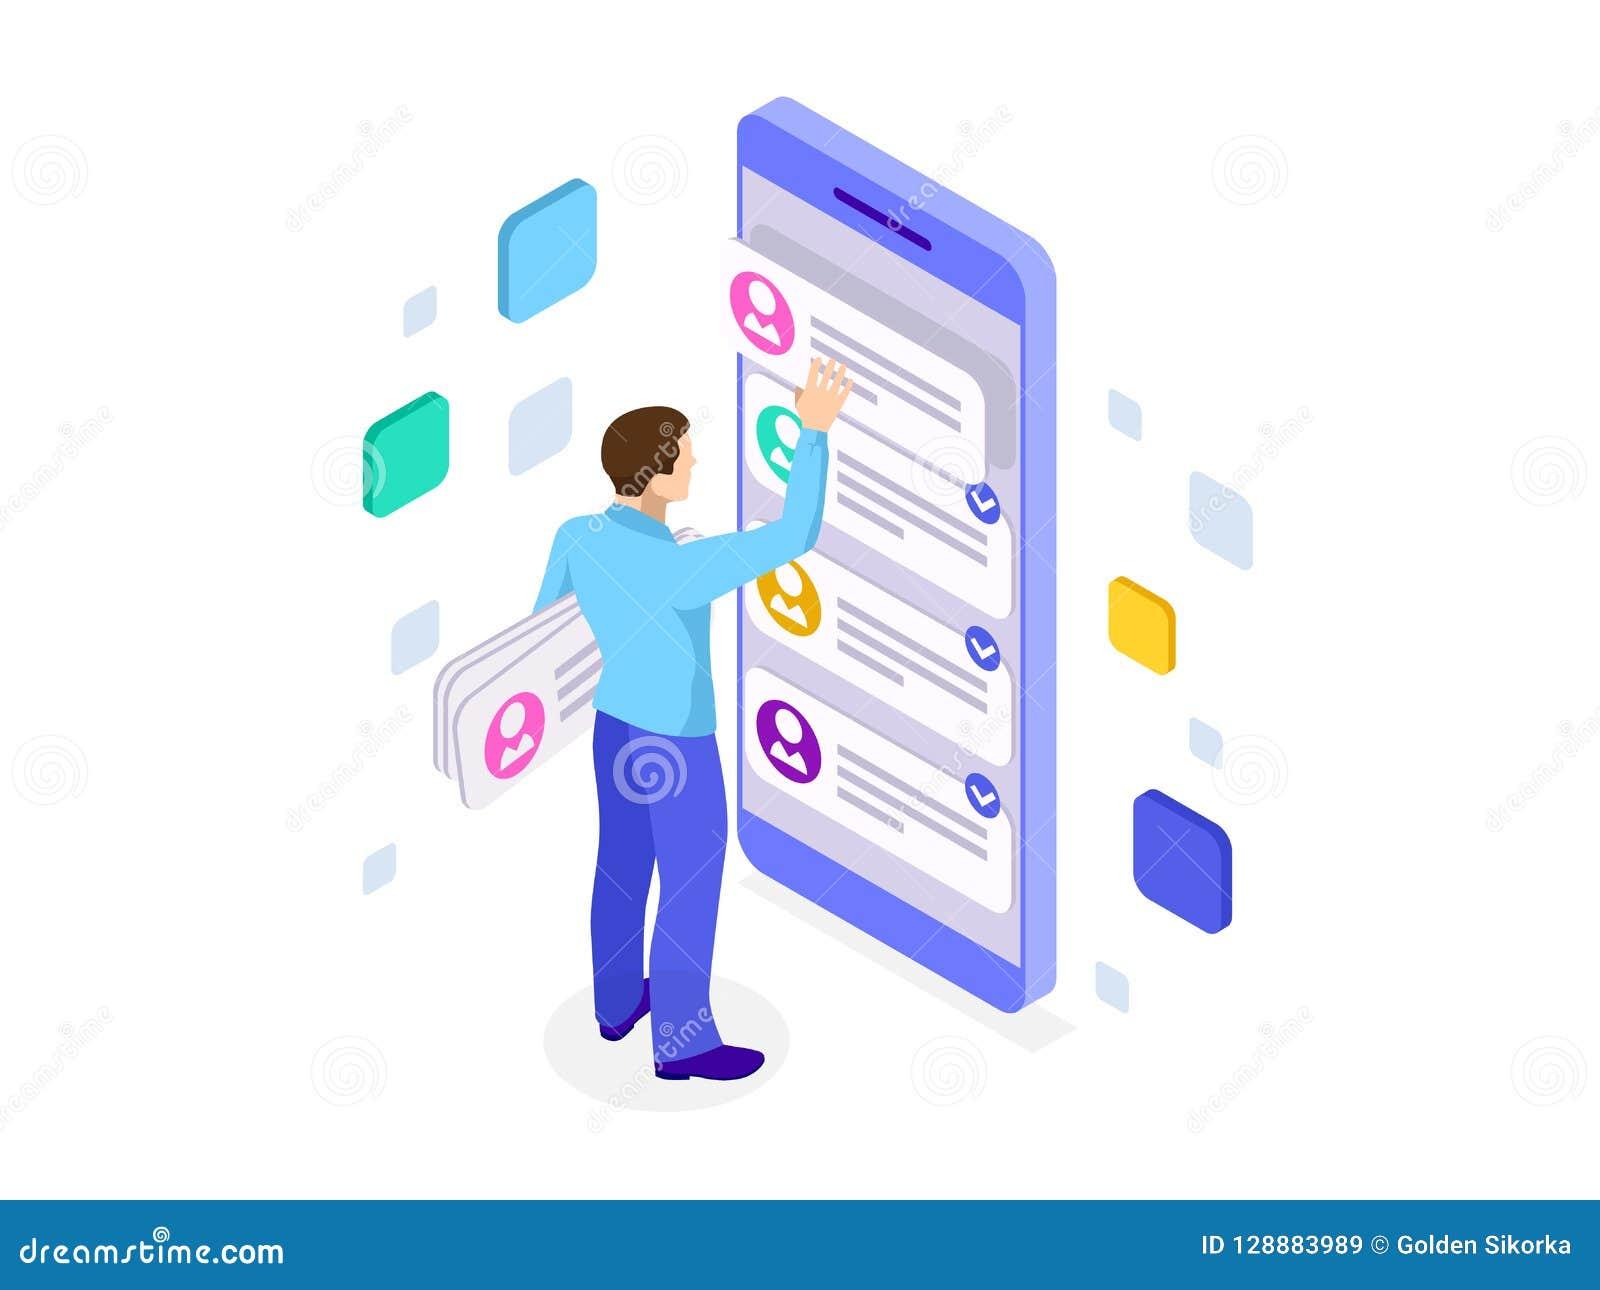 Isometrisk smartphone för för uxapp-utveckling och innehav Användareerfarenhet Websitedesign och utveckling